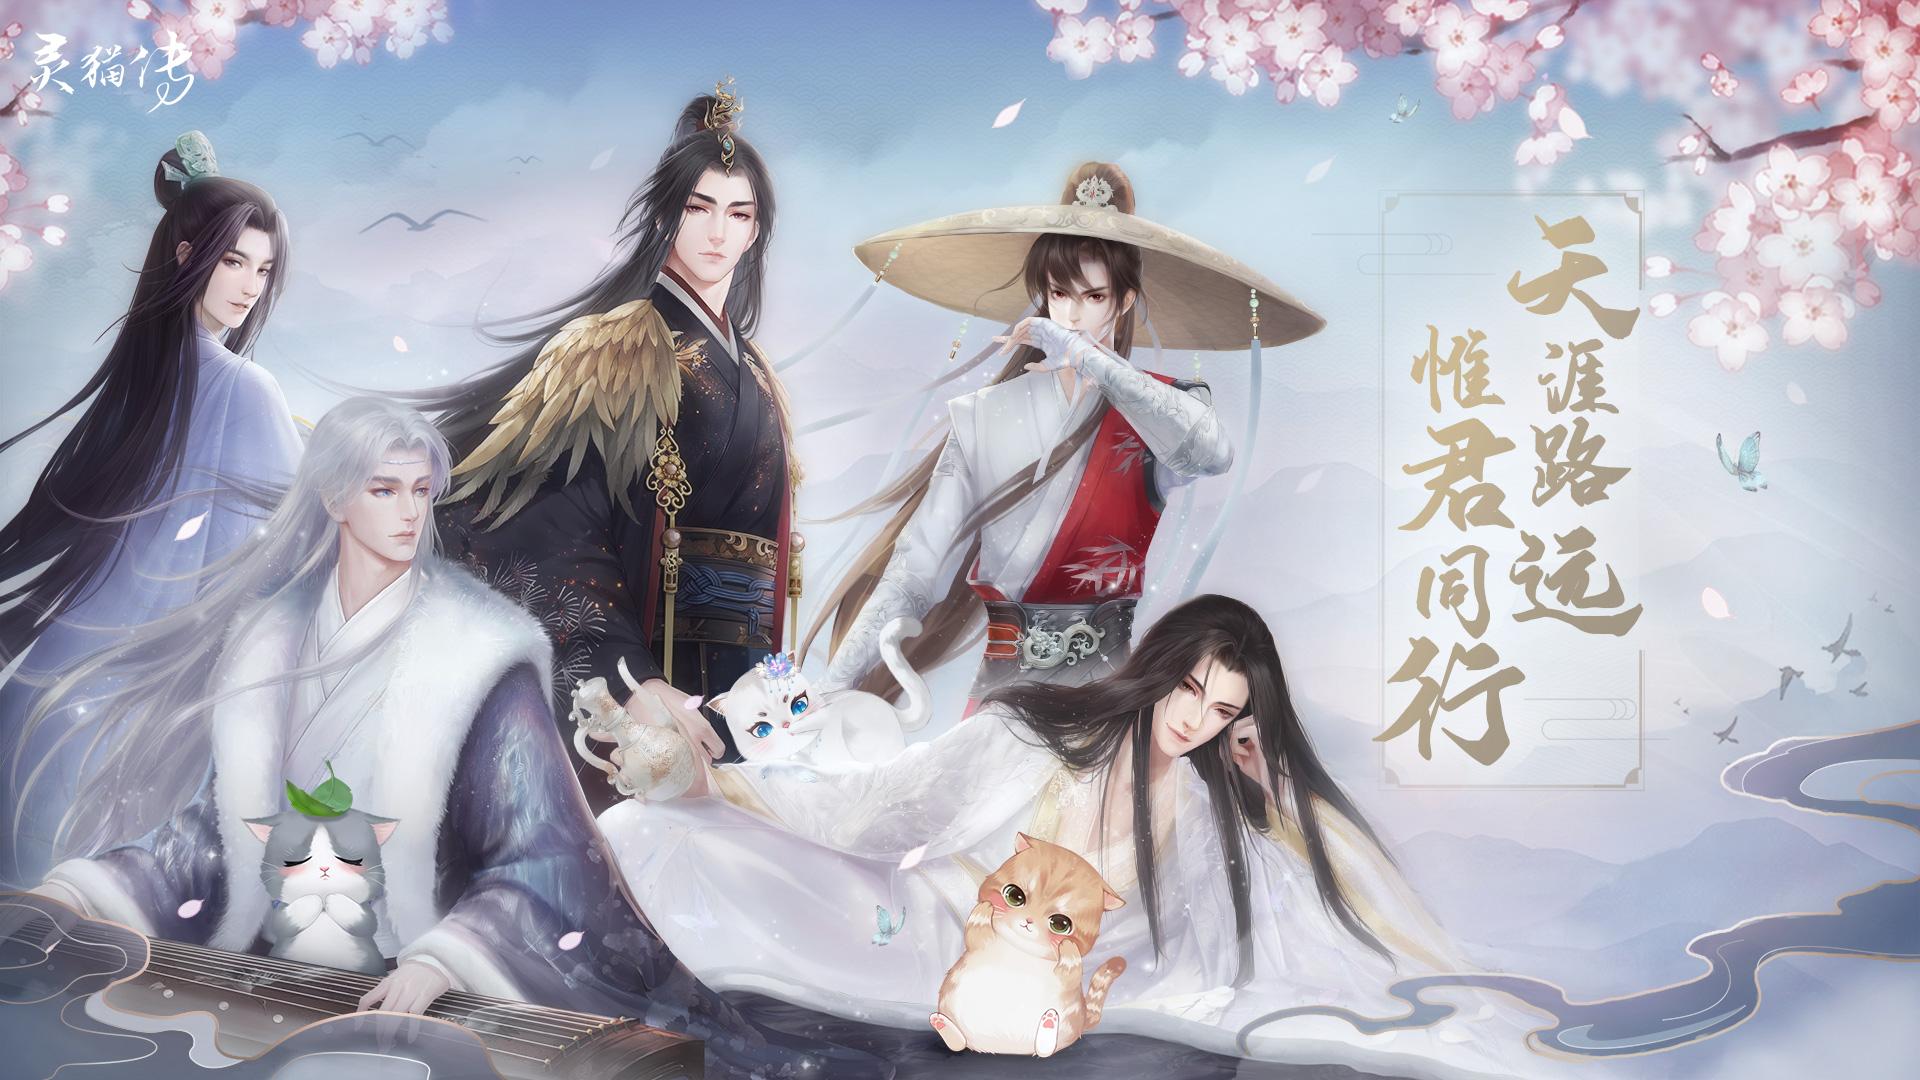 《灵猫传》公测定档,朝夕光年首款女性向游戏要来了?!